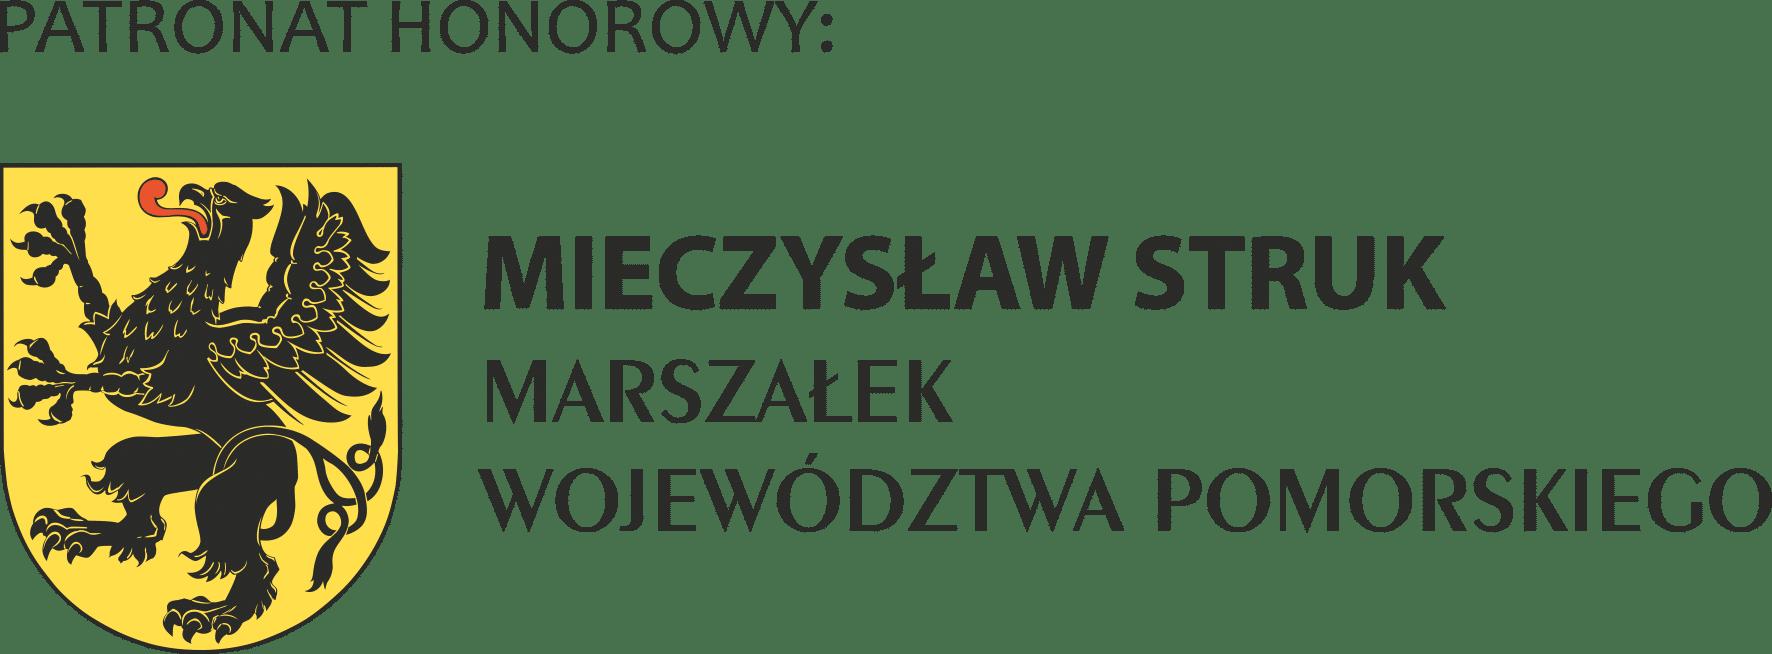 PATRONAT HONOROWY MARSZALEK WOJEWODZTWA POMORSKIEGO poziom prawa RGB ONLY FOR WEB 2012